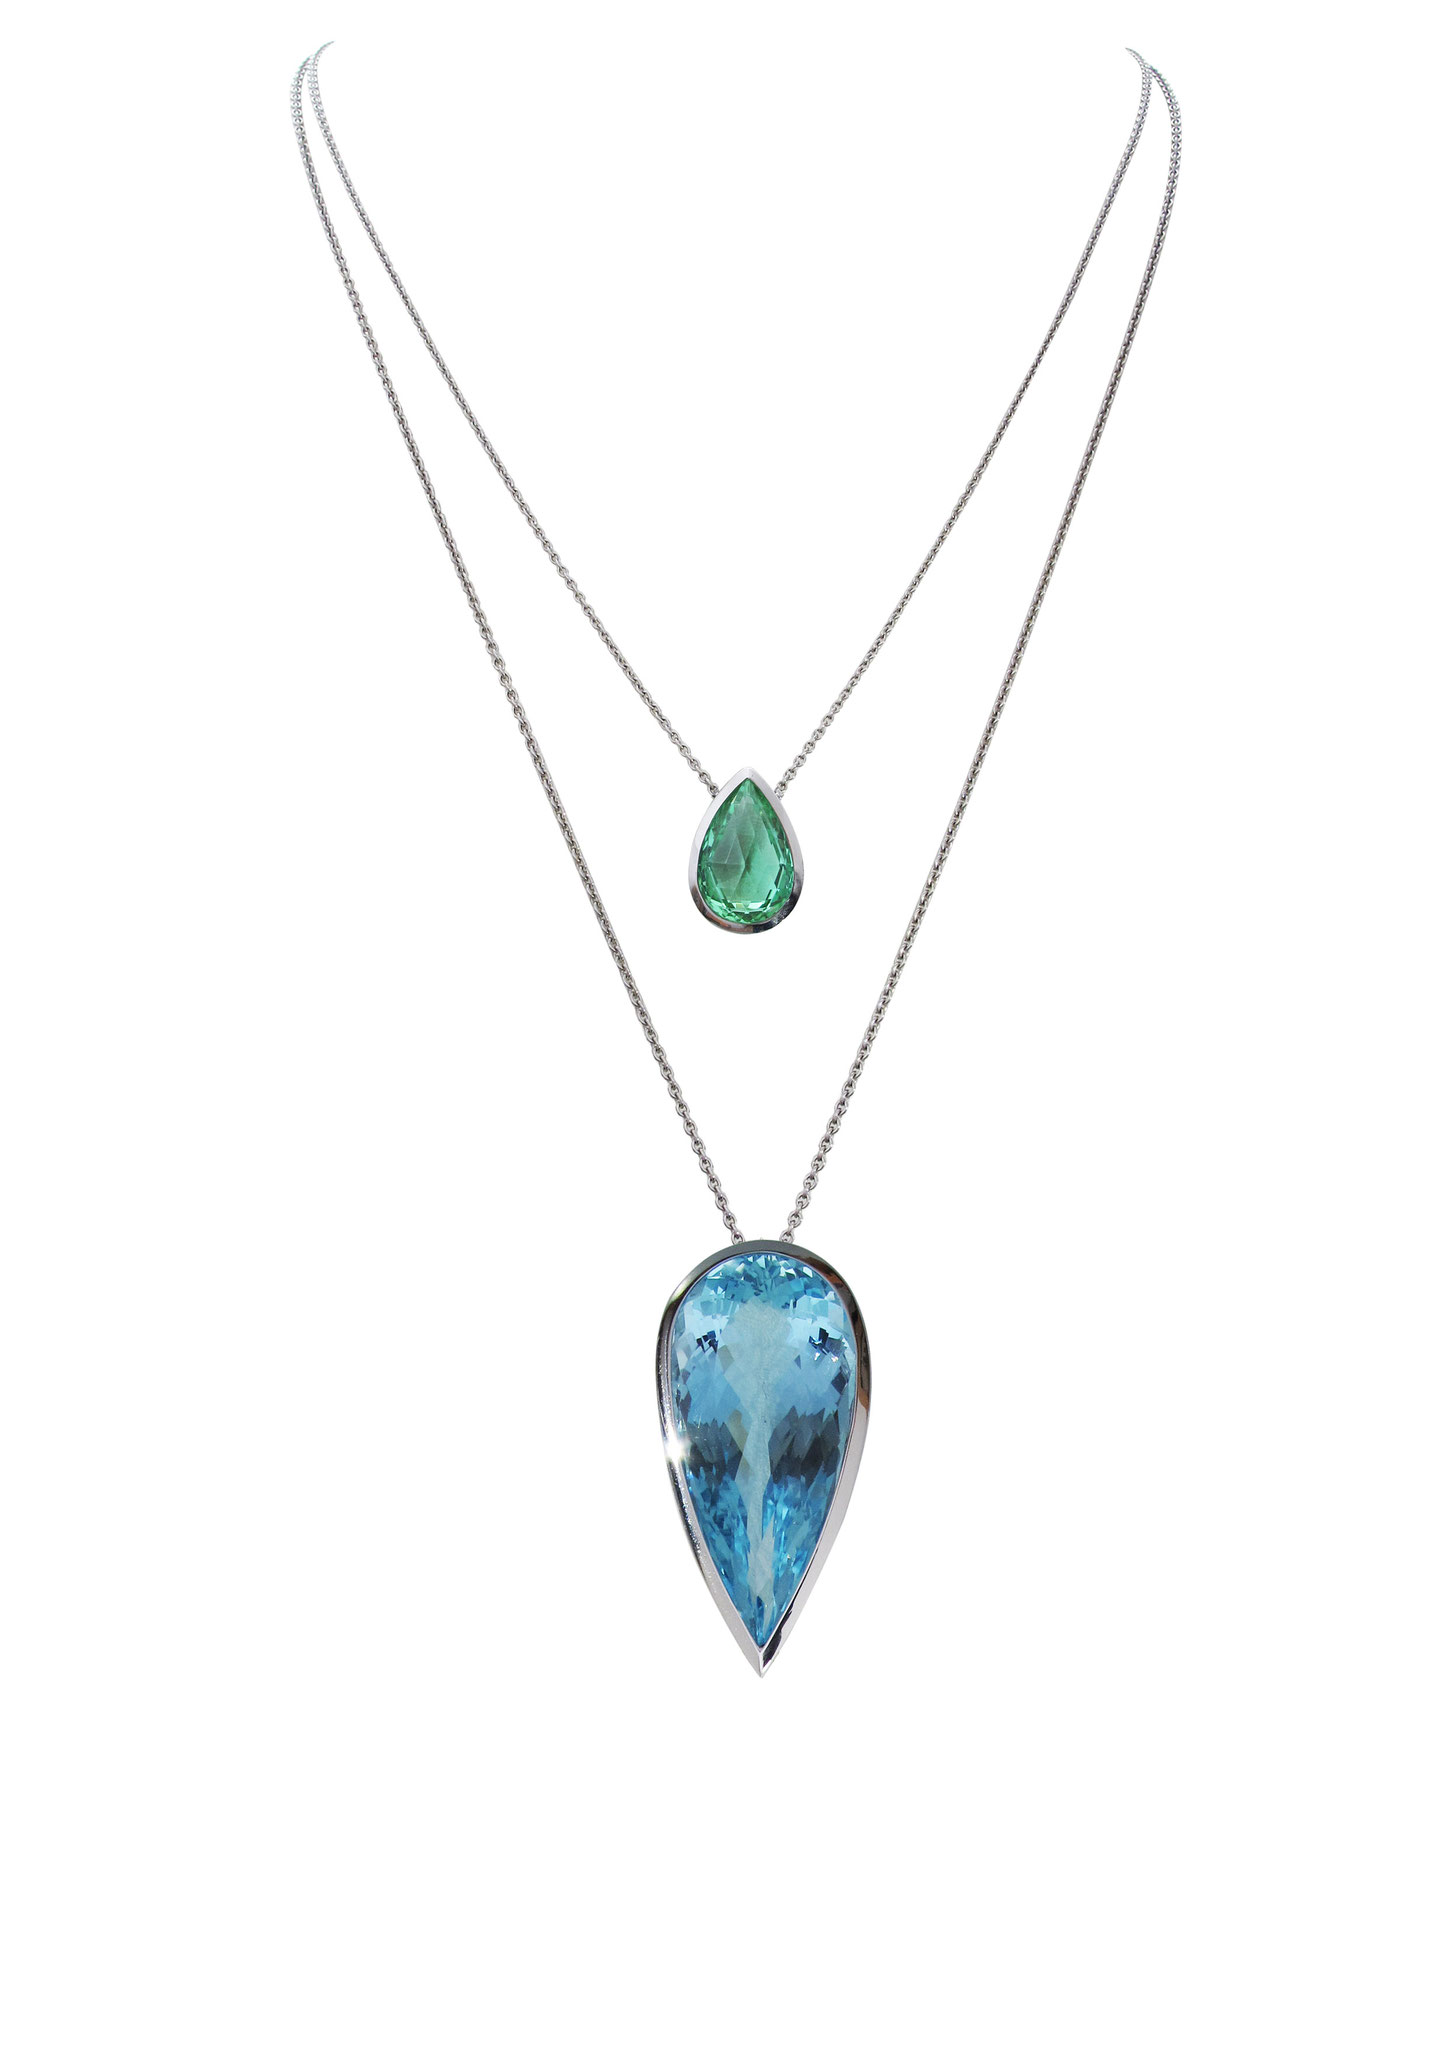 Platinkette mit mintfarbigen Turmalin 5,17 carat 4.700 Euro , Platinkette mit Aquamarinanhänger 38,9 carat Preis auf Anfrage